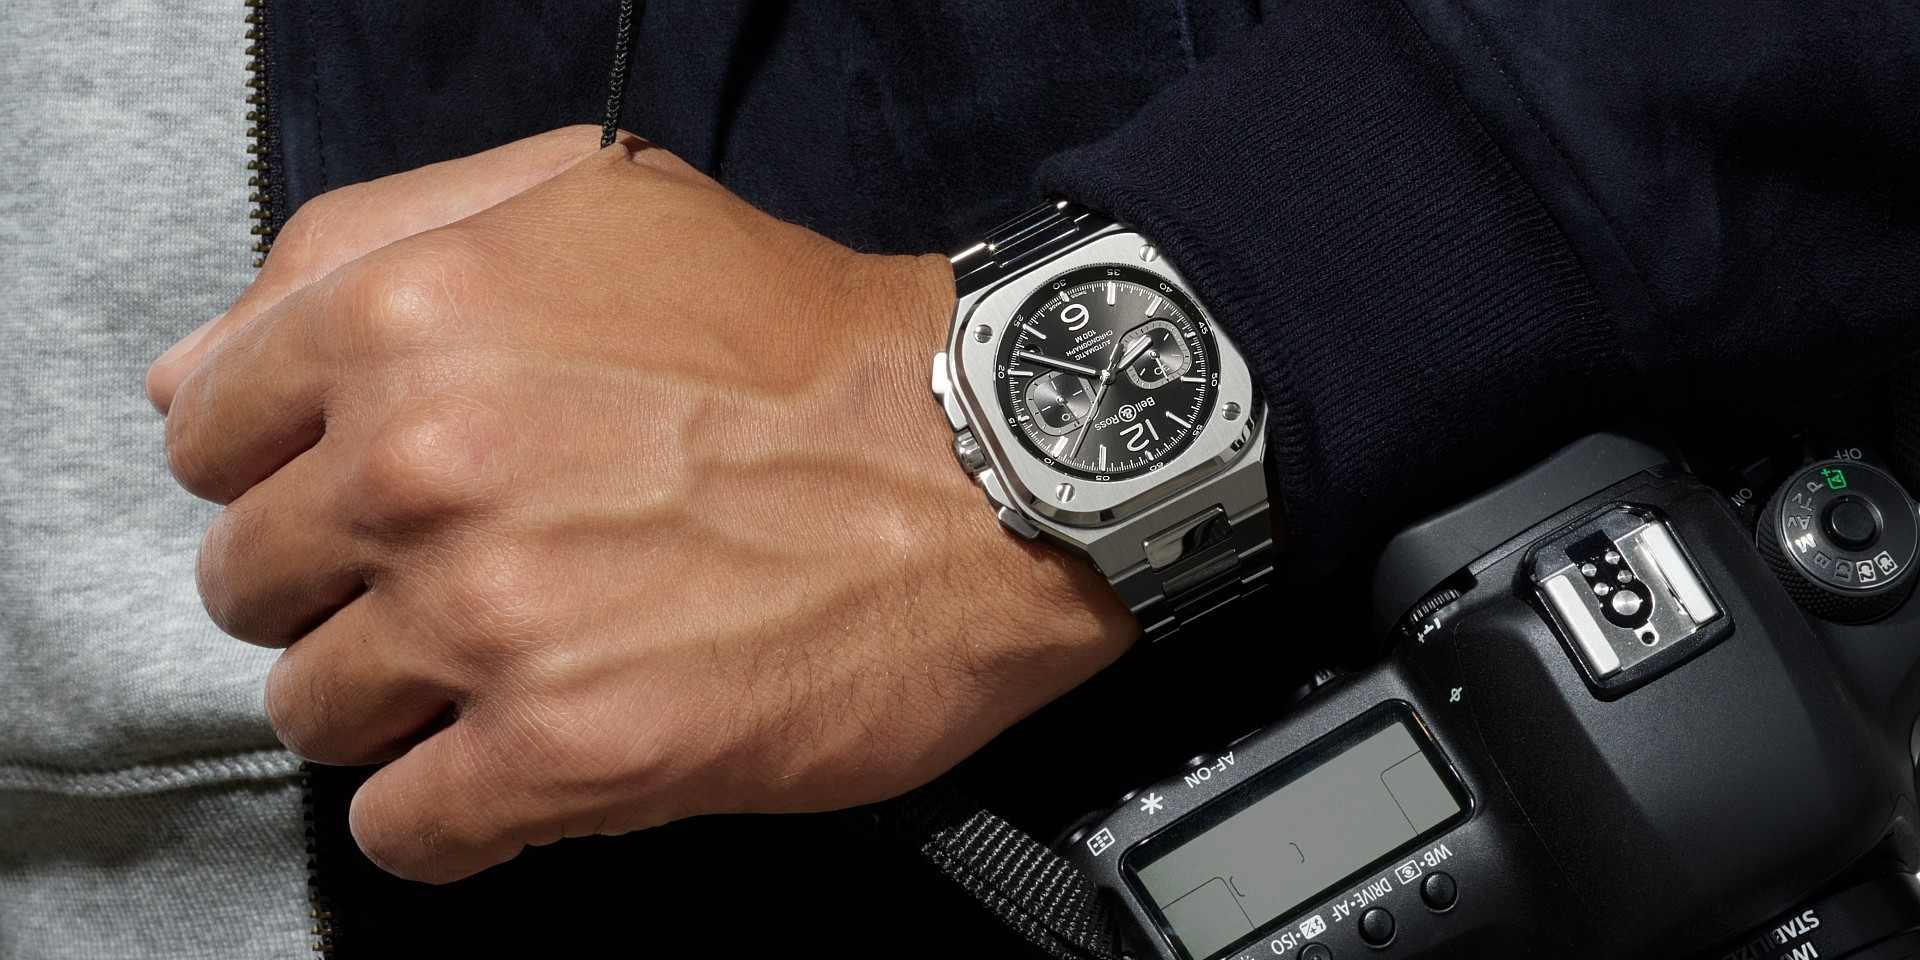 都市精英  分秒必爭:Bell & Ross BR05 Chrono計時腕錶